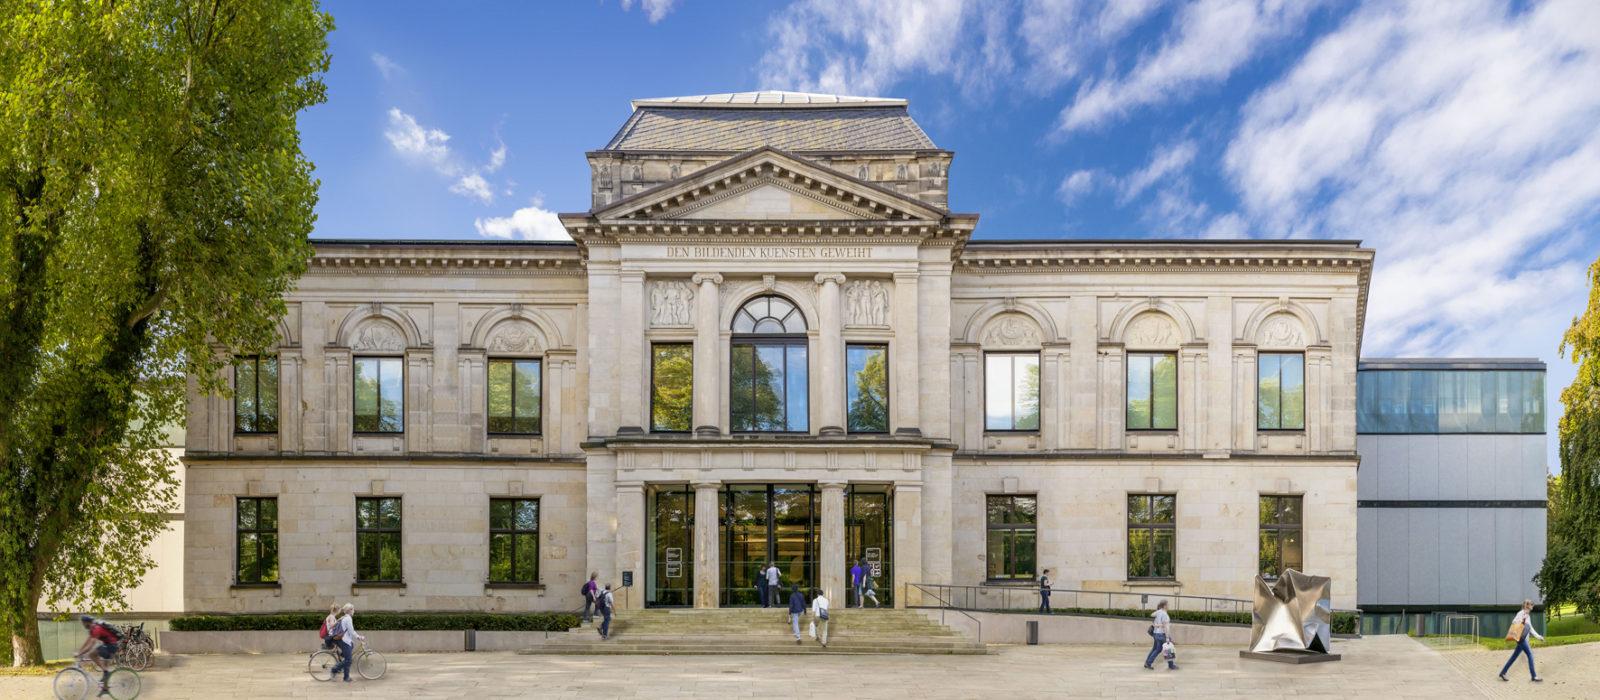 Ansicht Kunsthalle Brmen von außen